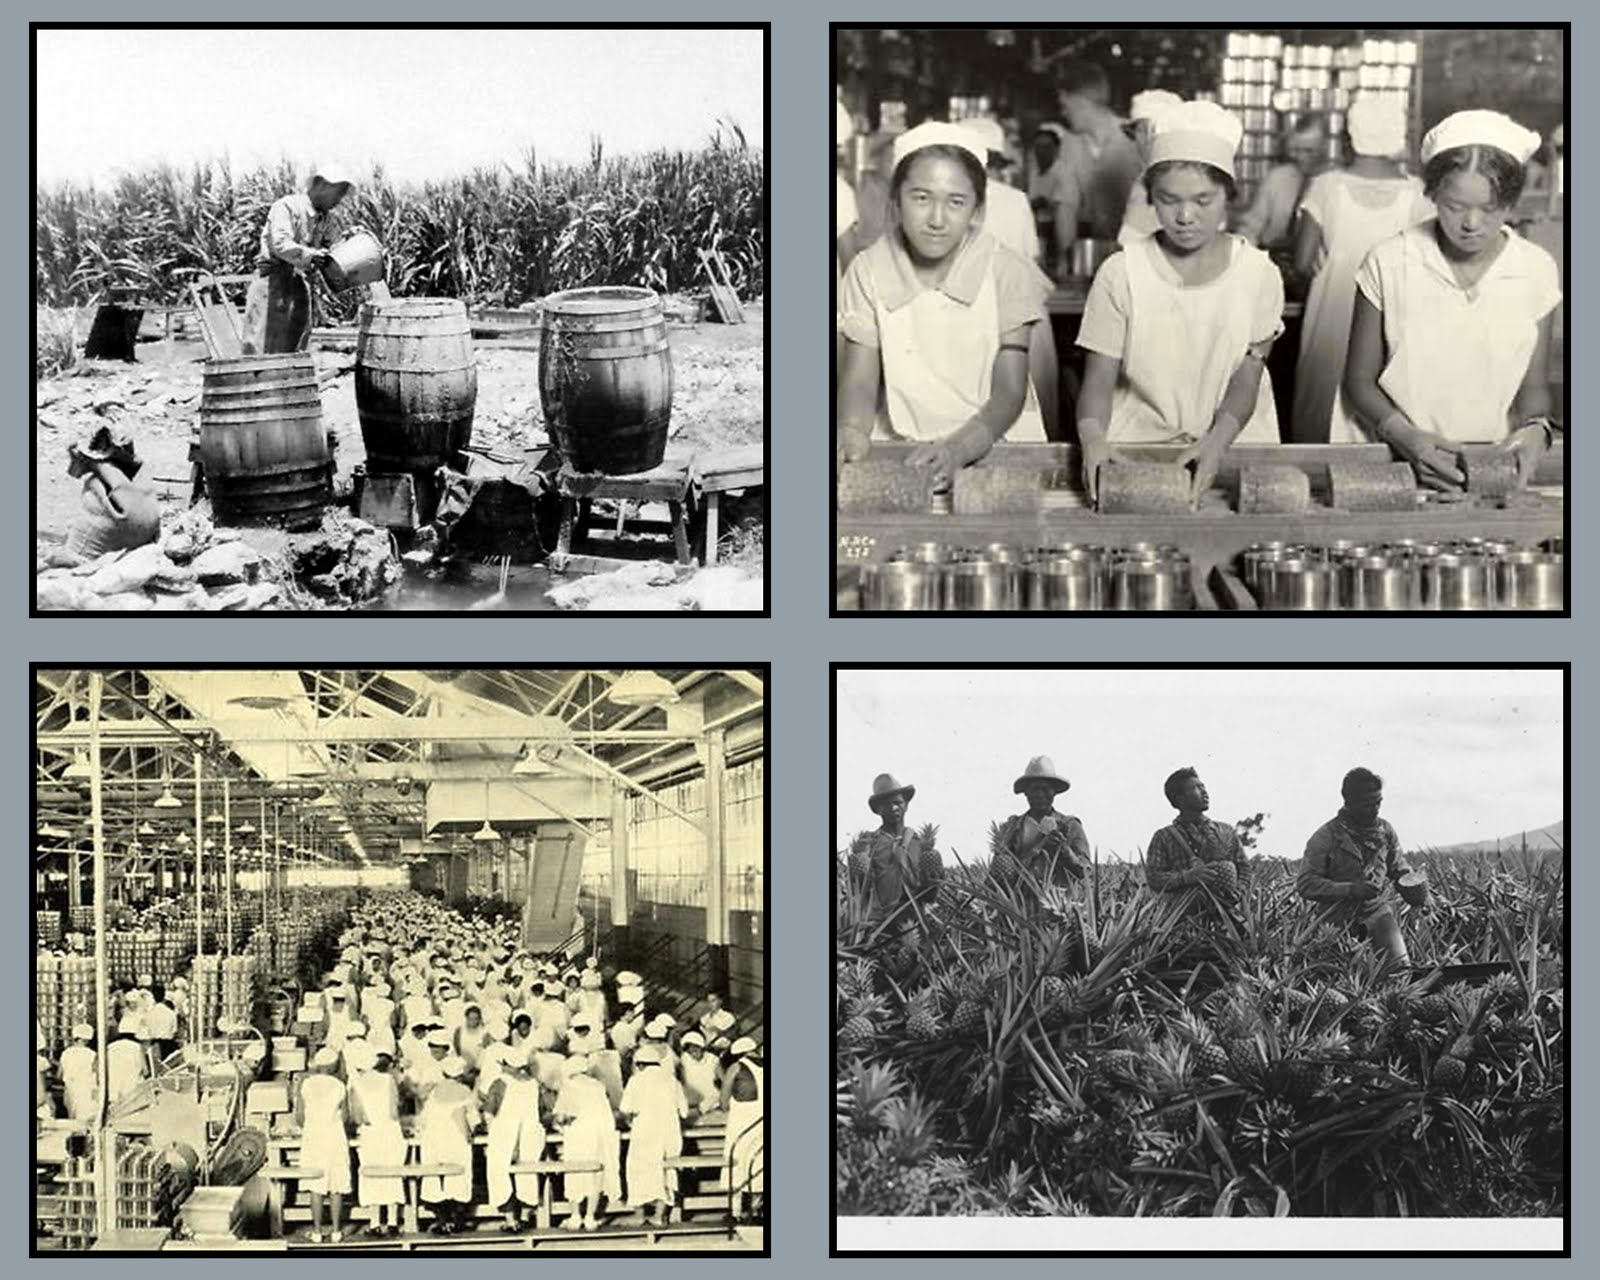 http://4.bp.blogspot.com/-aiXD55PixUQ/TXO_HtiYWDI/AAAAAAAAEeU/59lSjx7rAT4/s1600/Plantation%2Bworkers.jpg